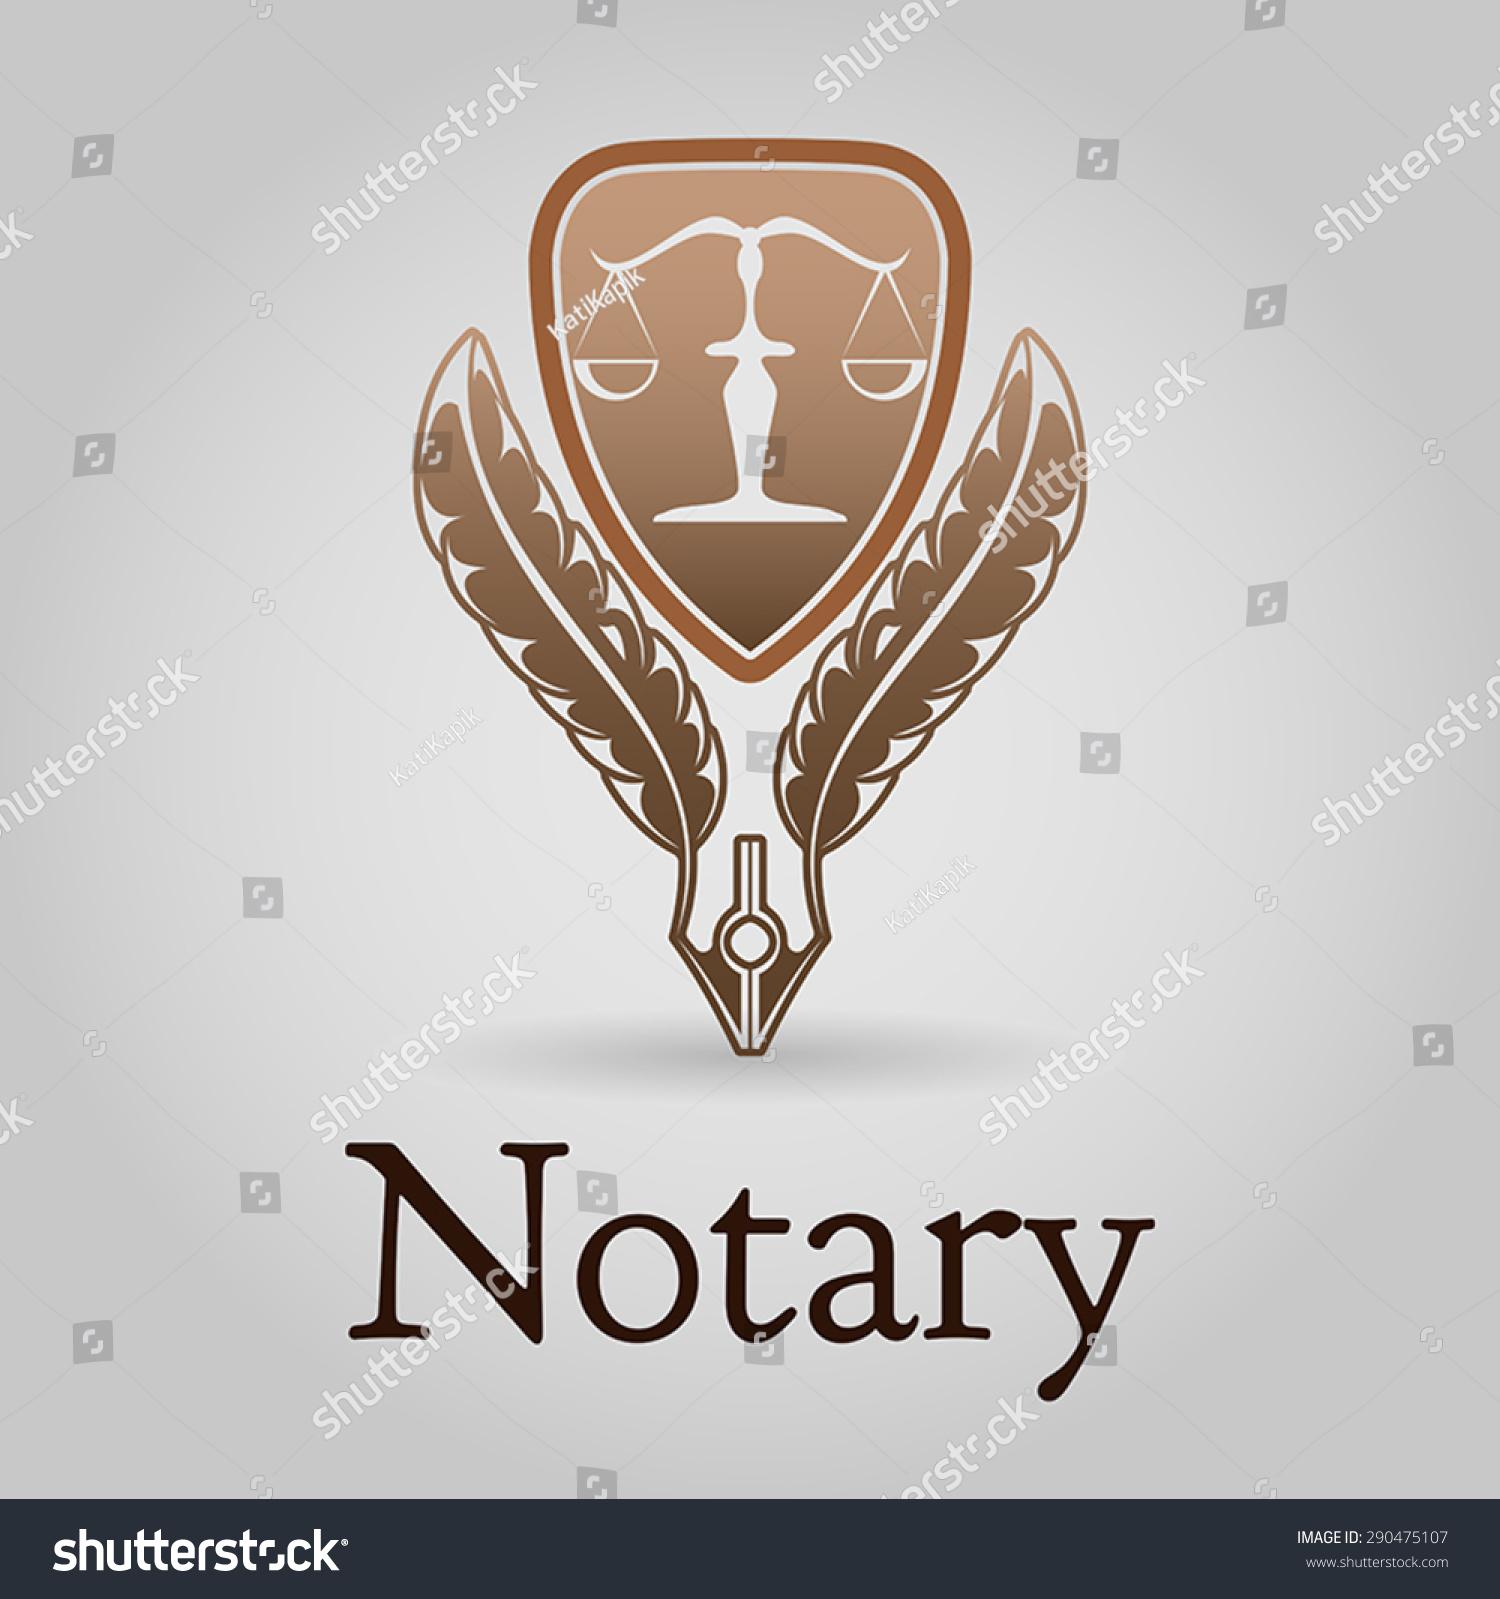 Notary Symbol Vector Logo Design Template Vector 290475107 – Notary Template